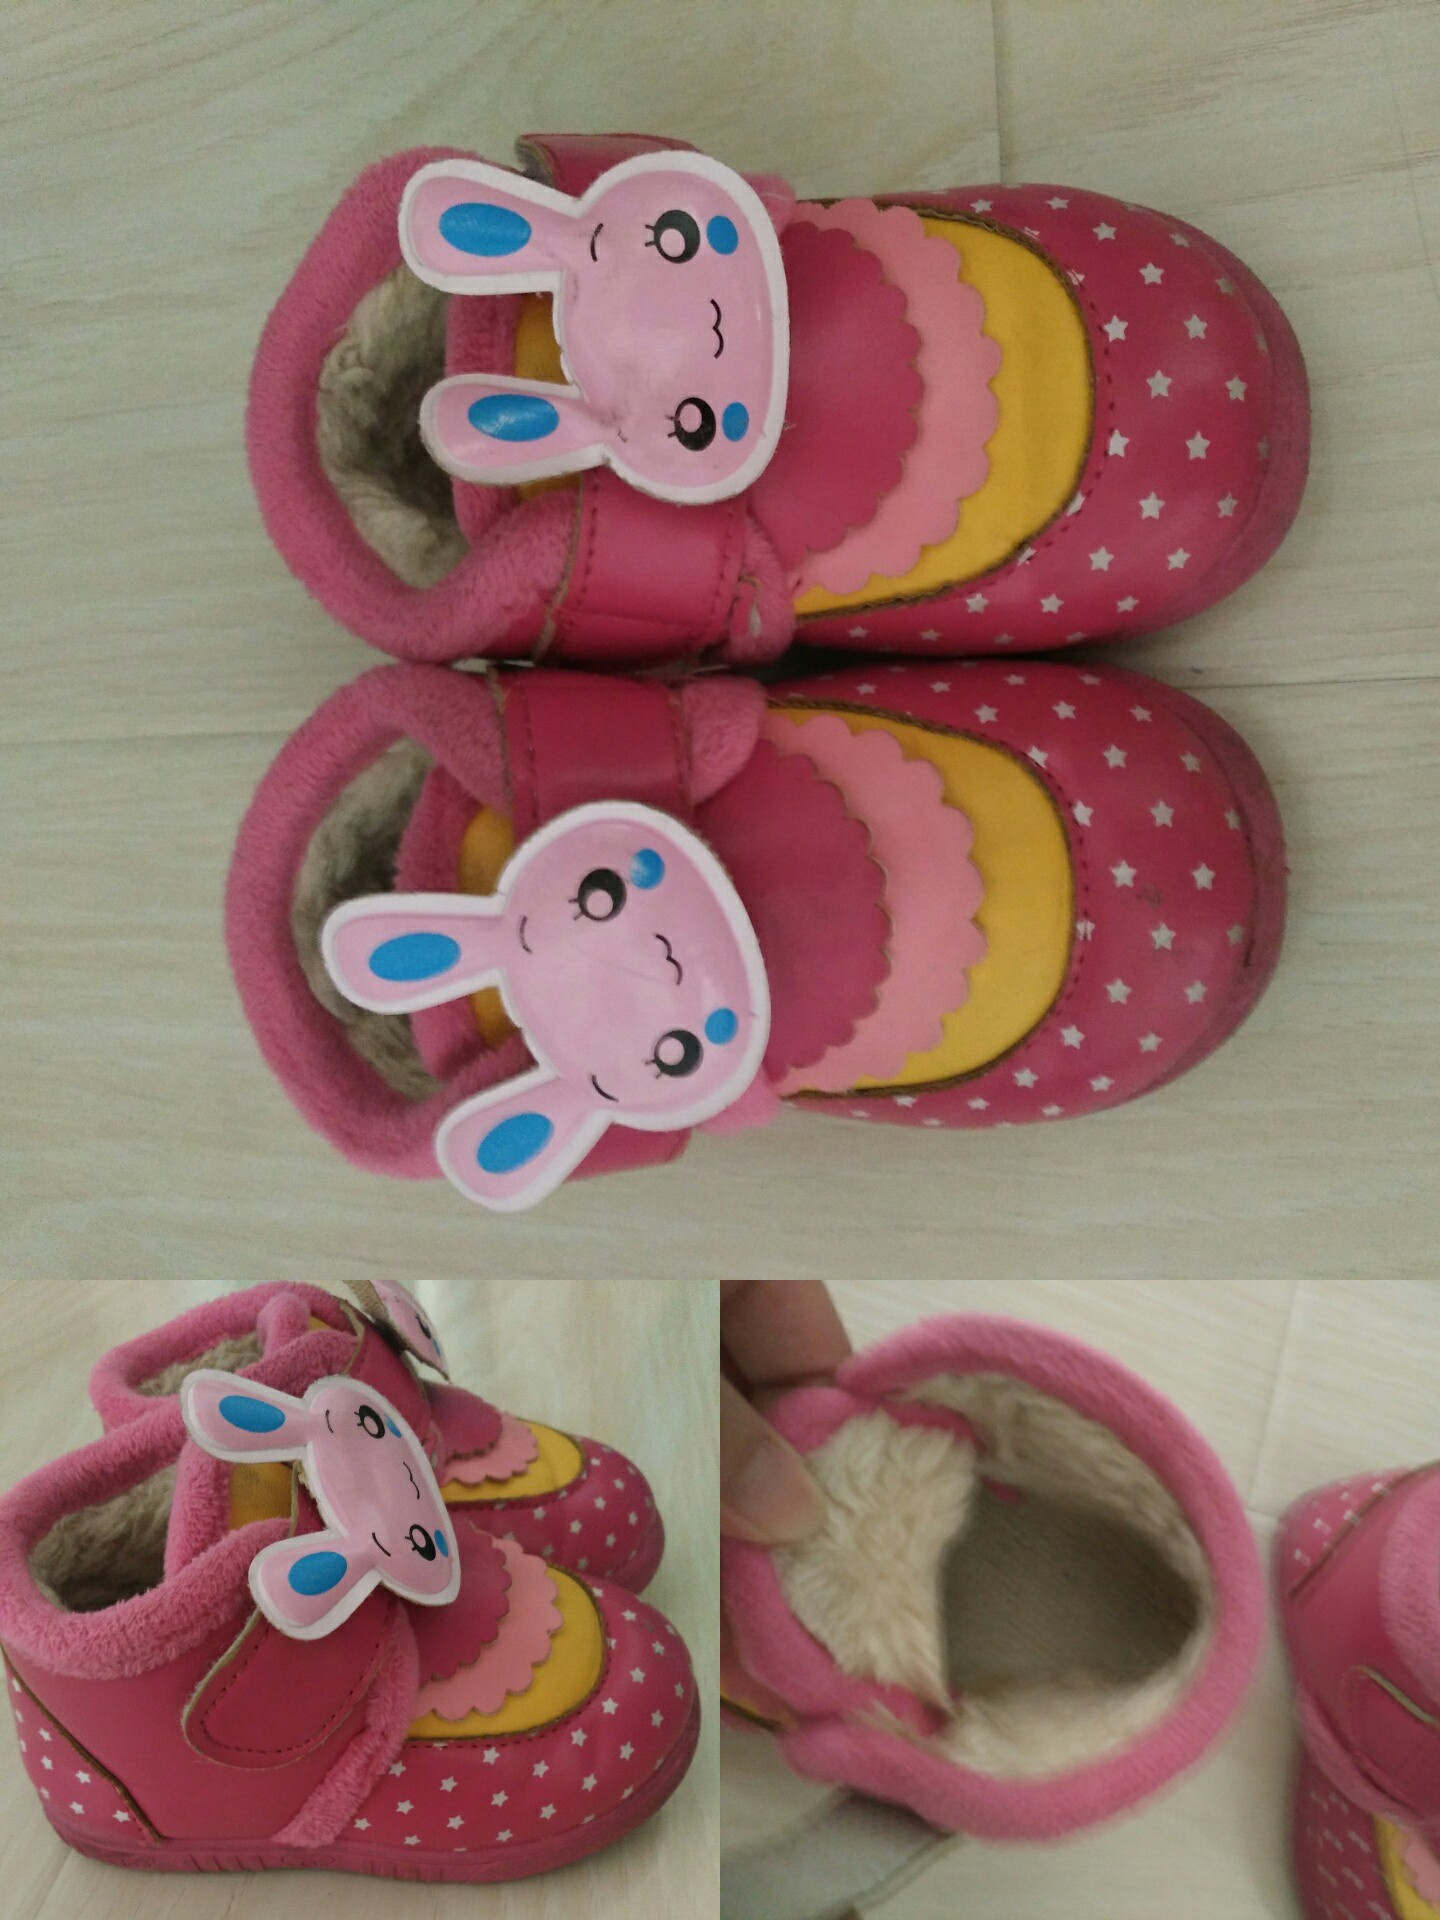 二手儿童棉鞋交易, 天津市二手-苏宁易购二手优品